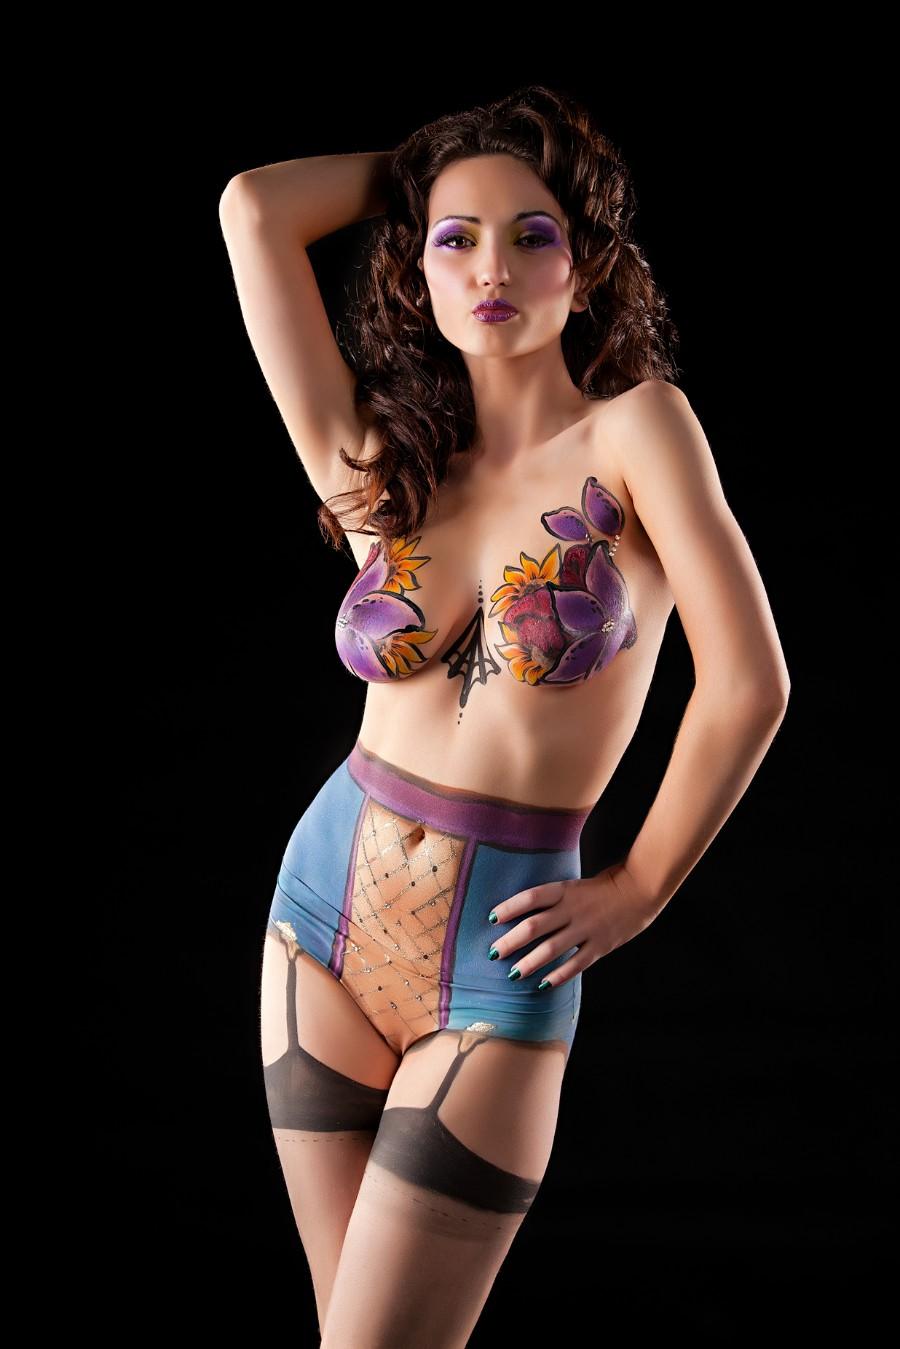 sexy-women-in-body-paint